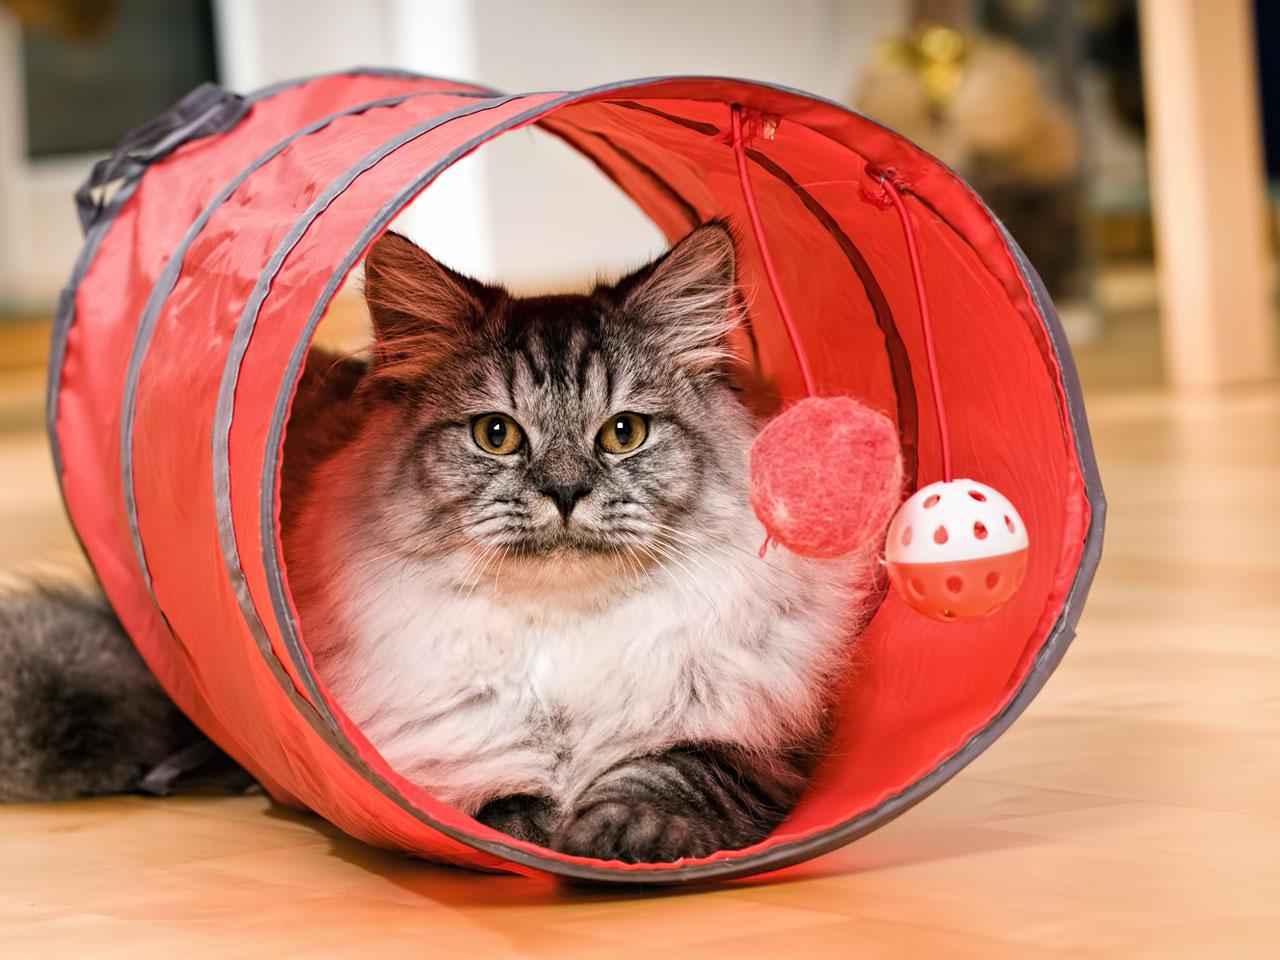 Katze liegt in einem roten Katzentunnel